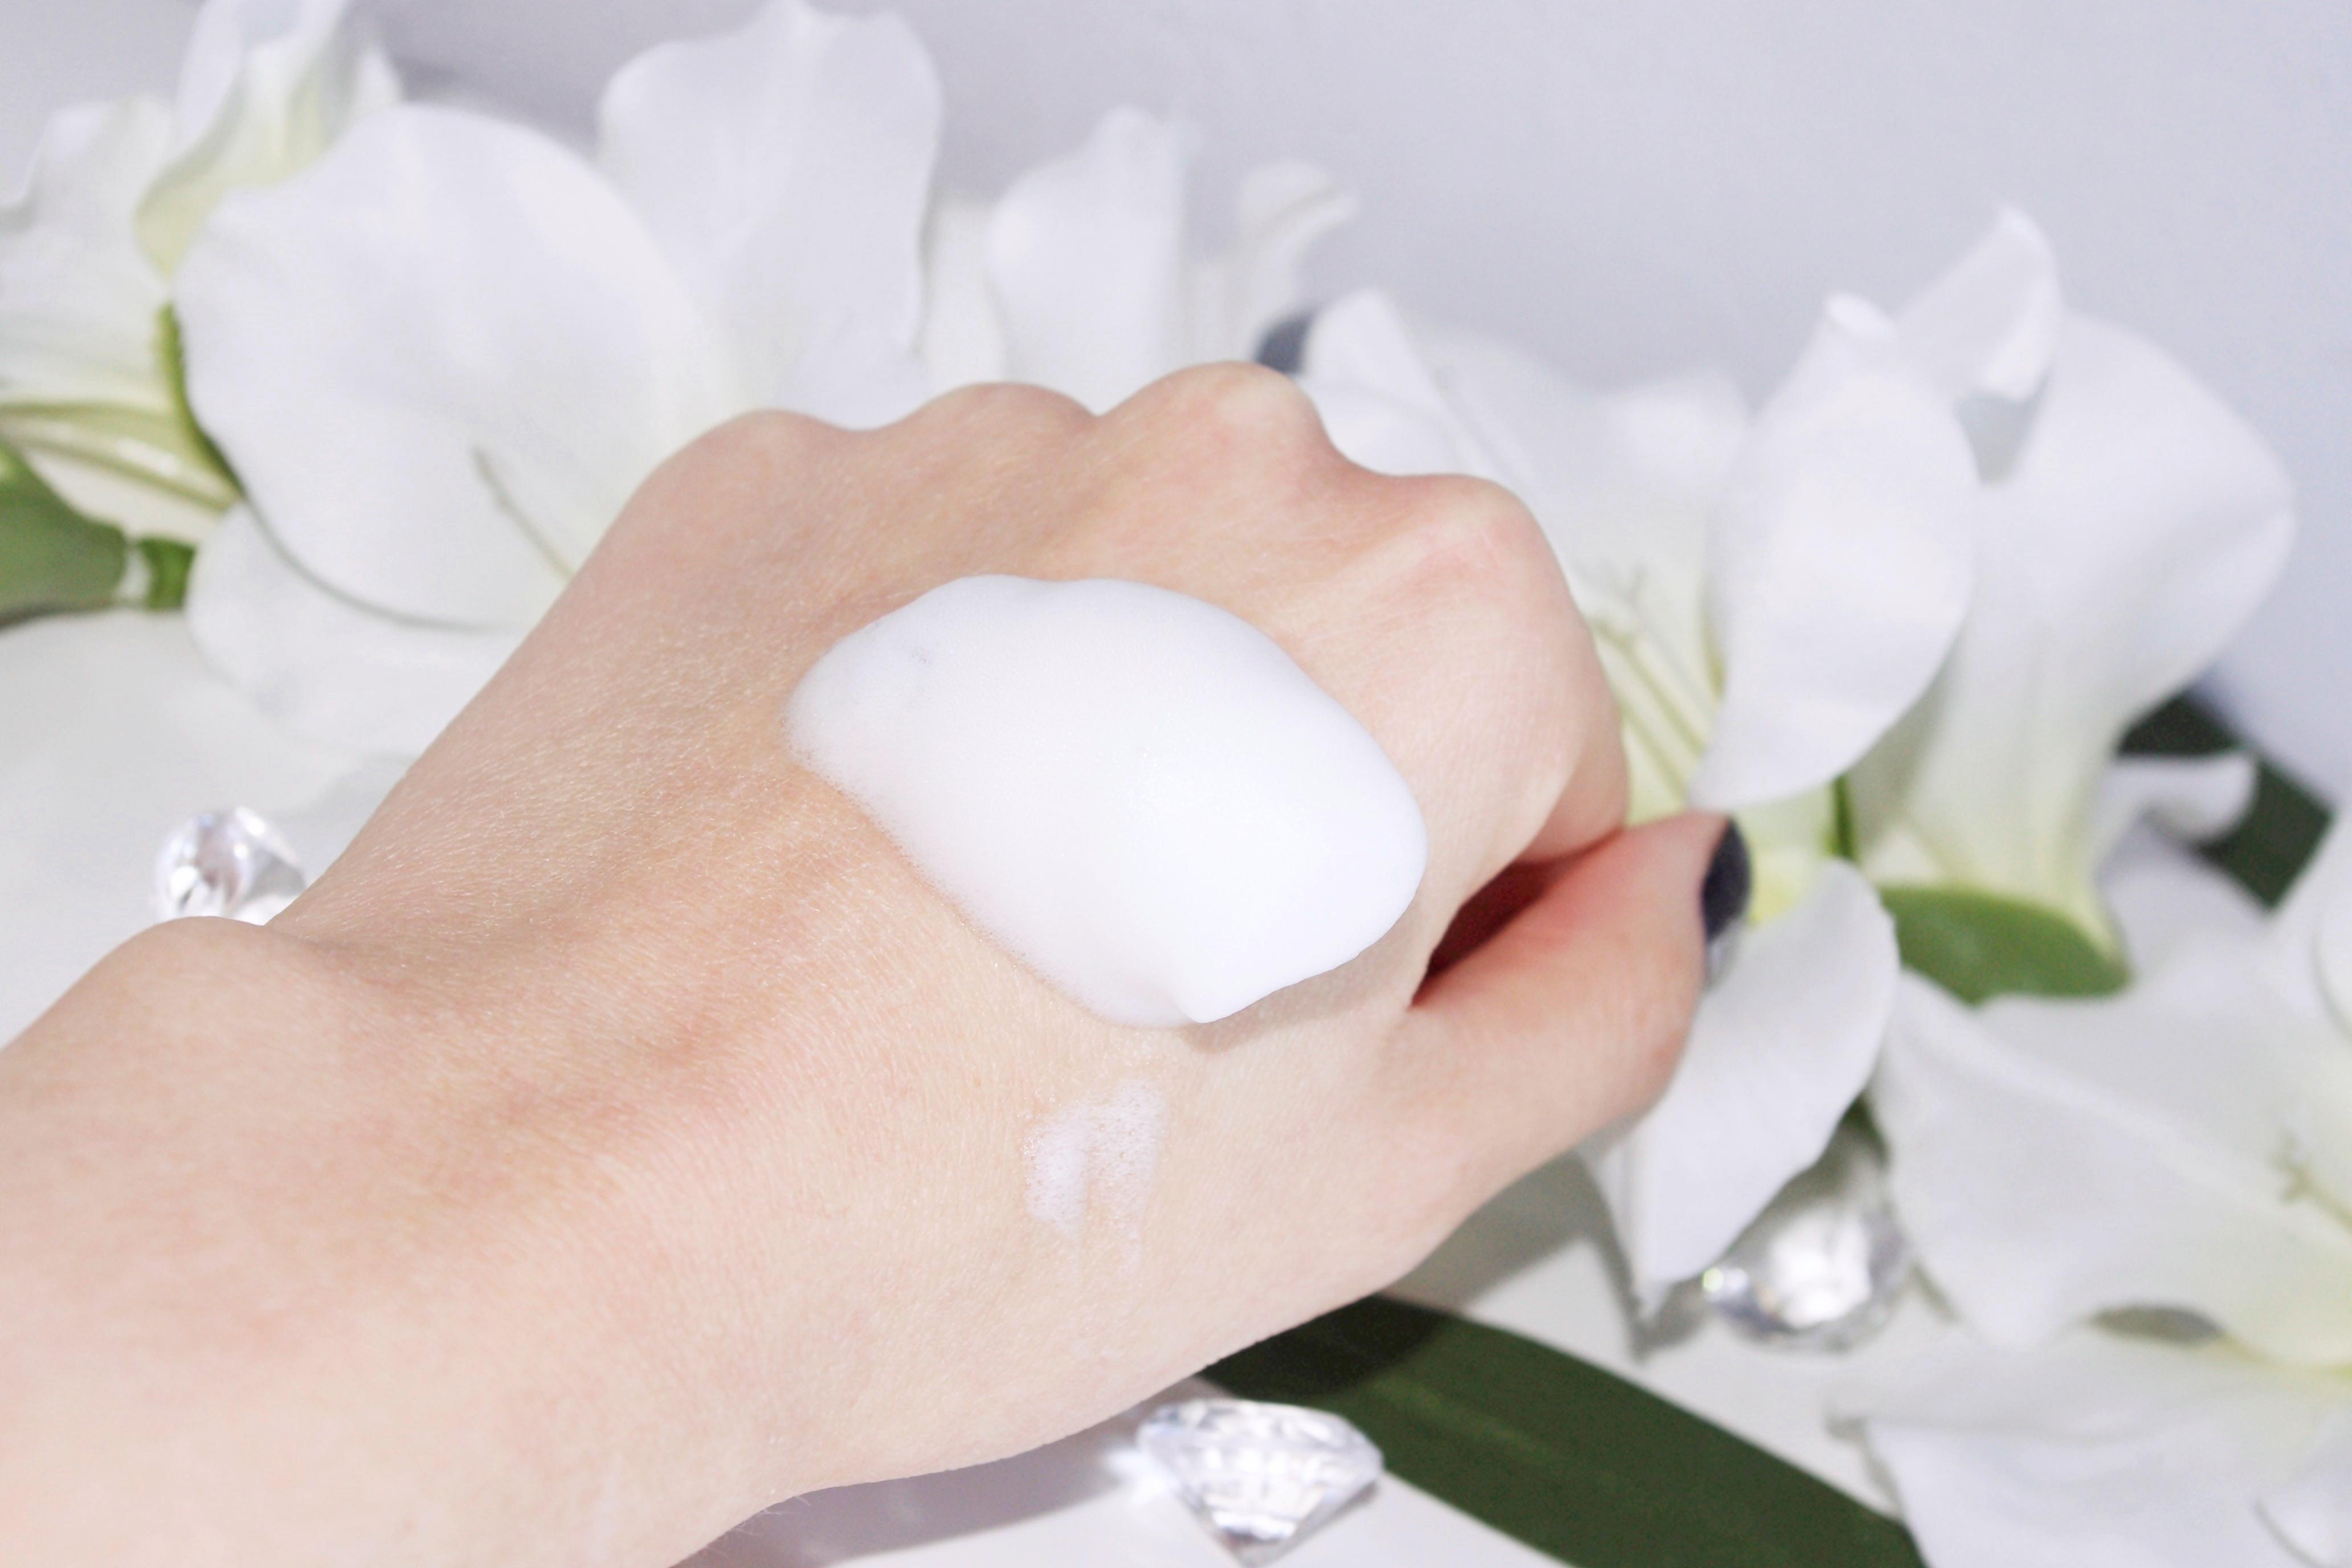 Medik8 Clarifying Foam Bezolejowa Pianka Oczyszczająca z Kwasami AHA/BHA